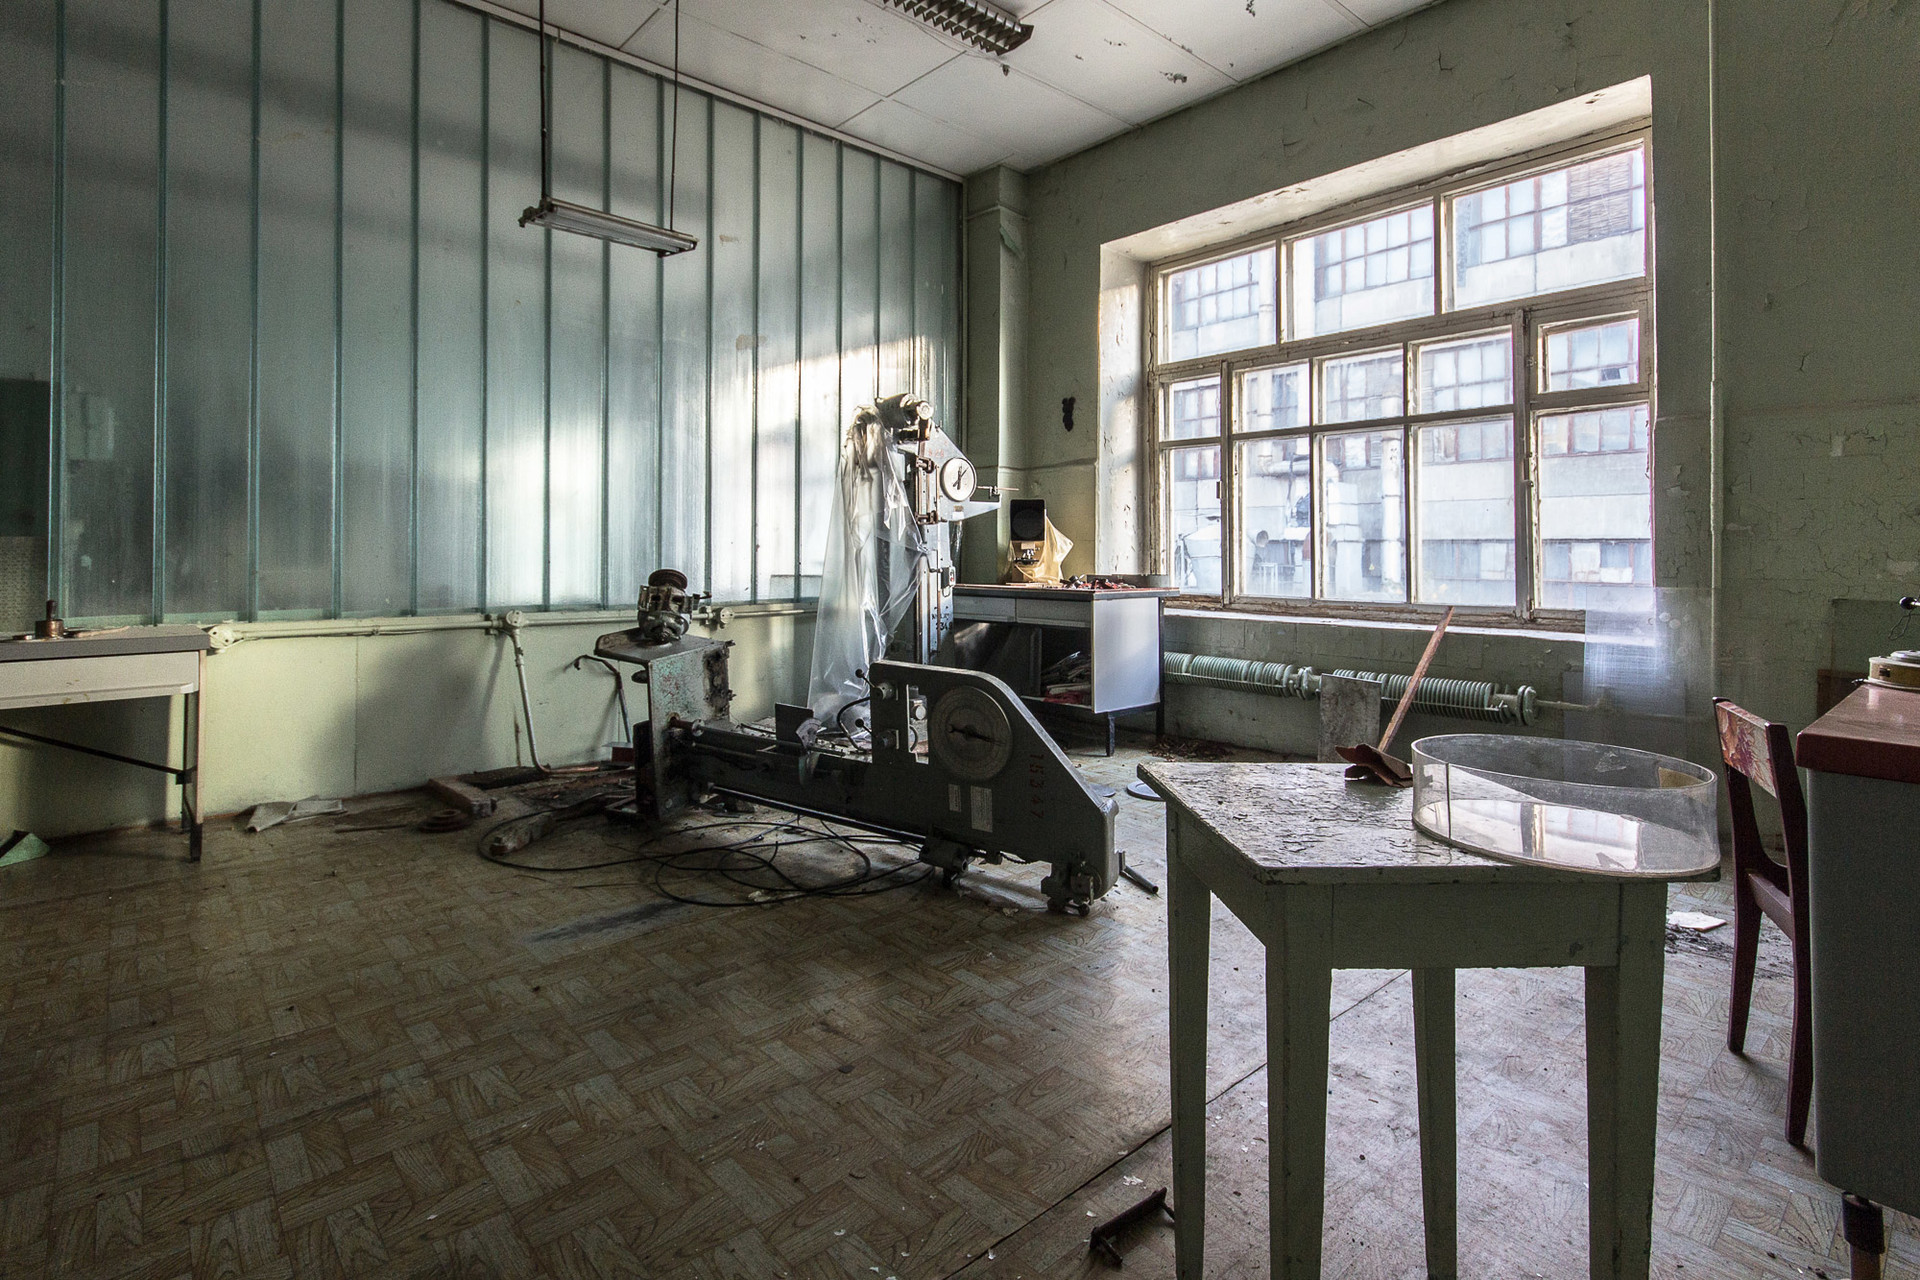 Ancien laboratoire soviétique dans une usine de caoutchouc. Bientôt des appartements seront construits ici.